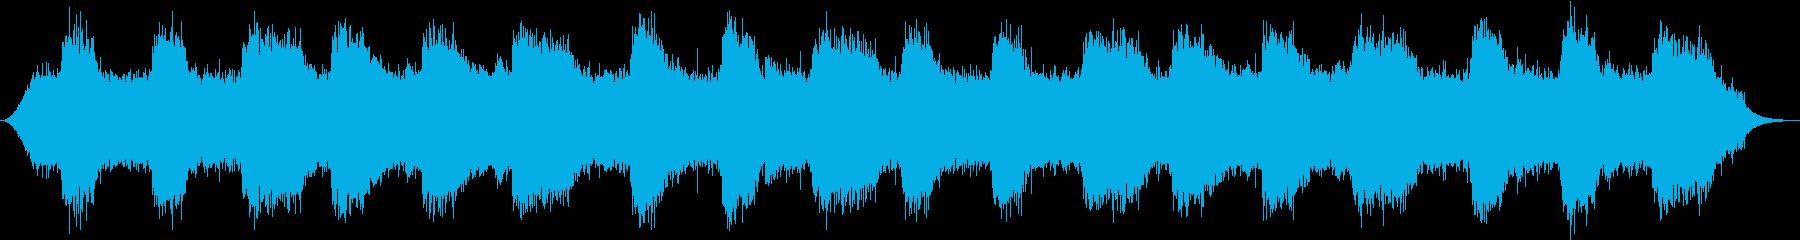 水音に寄り添うように流れるゆったり音楽の再生済みの波形